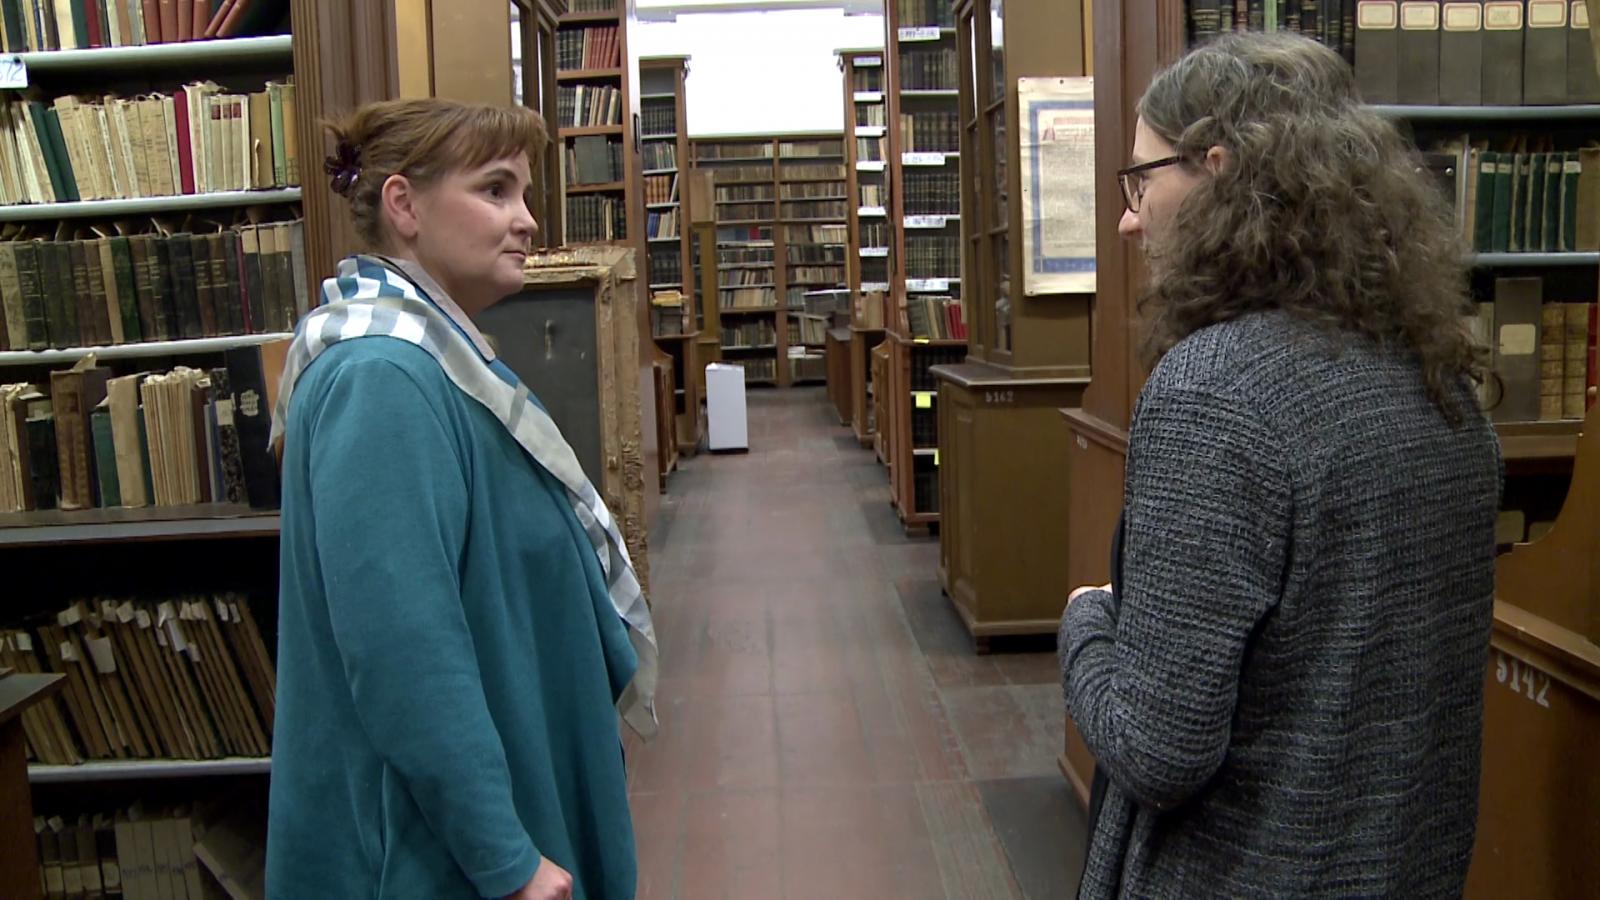 Gordán Edinával, a Bethlen Gábor Dokumentációs Könyvtár felelősével az évszázados kötetek között